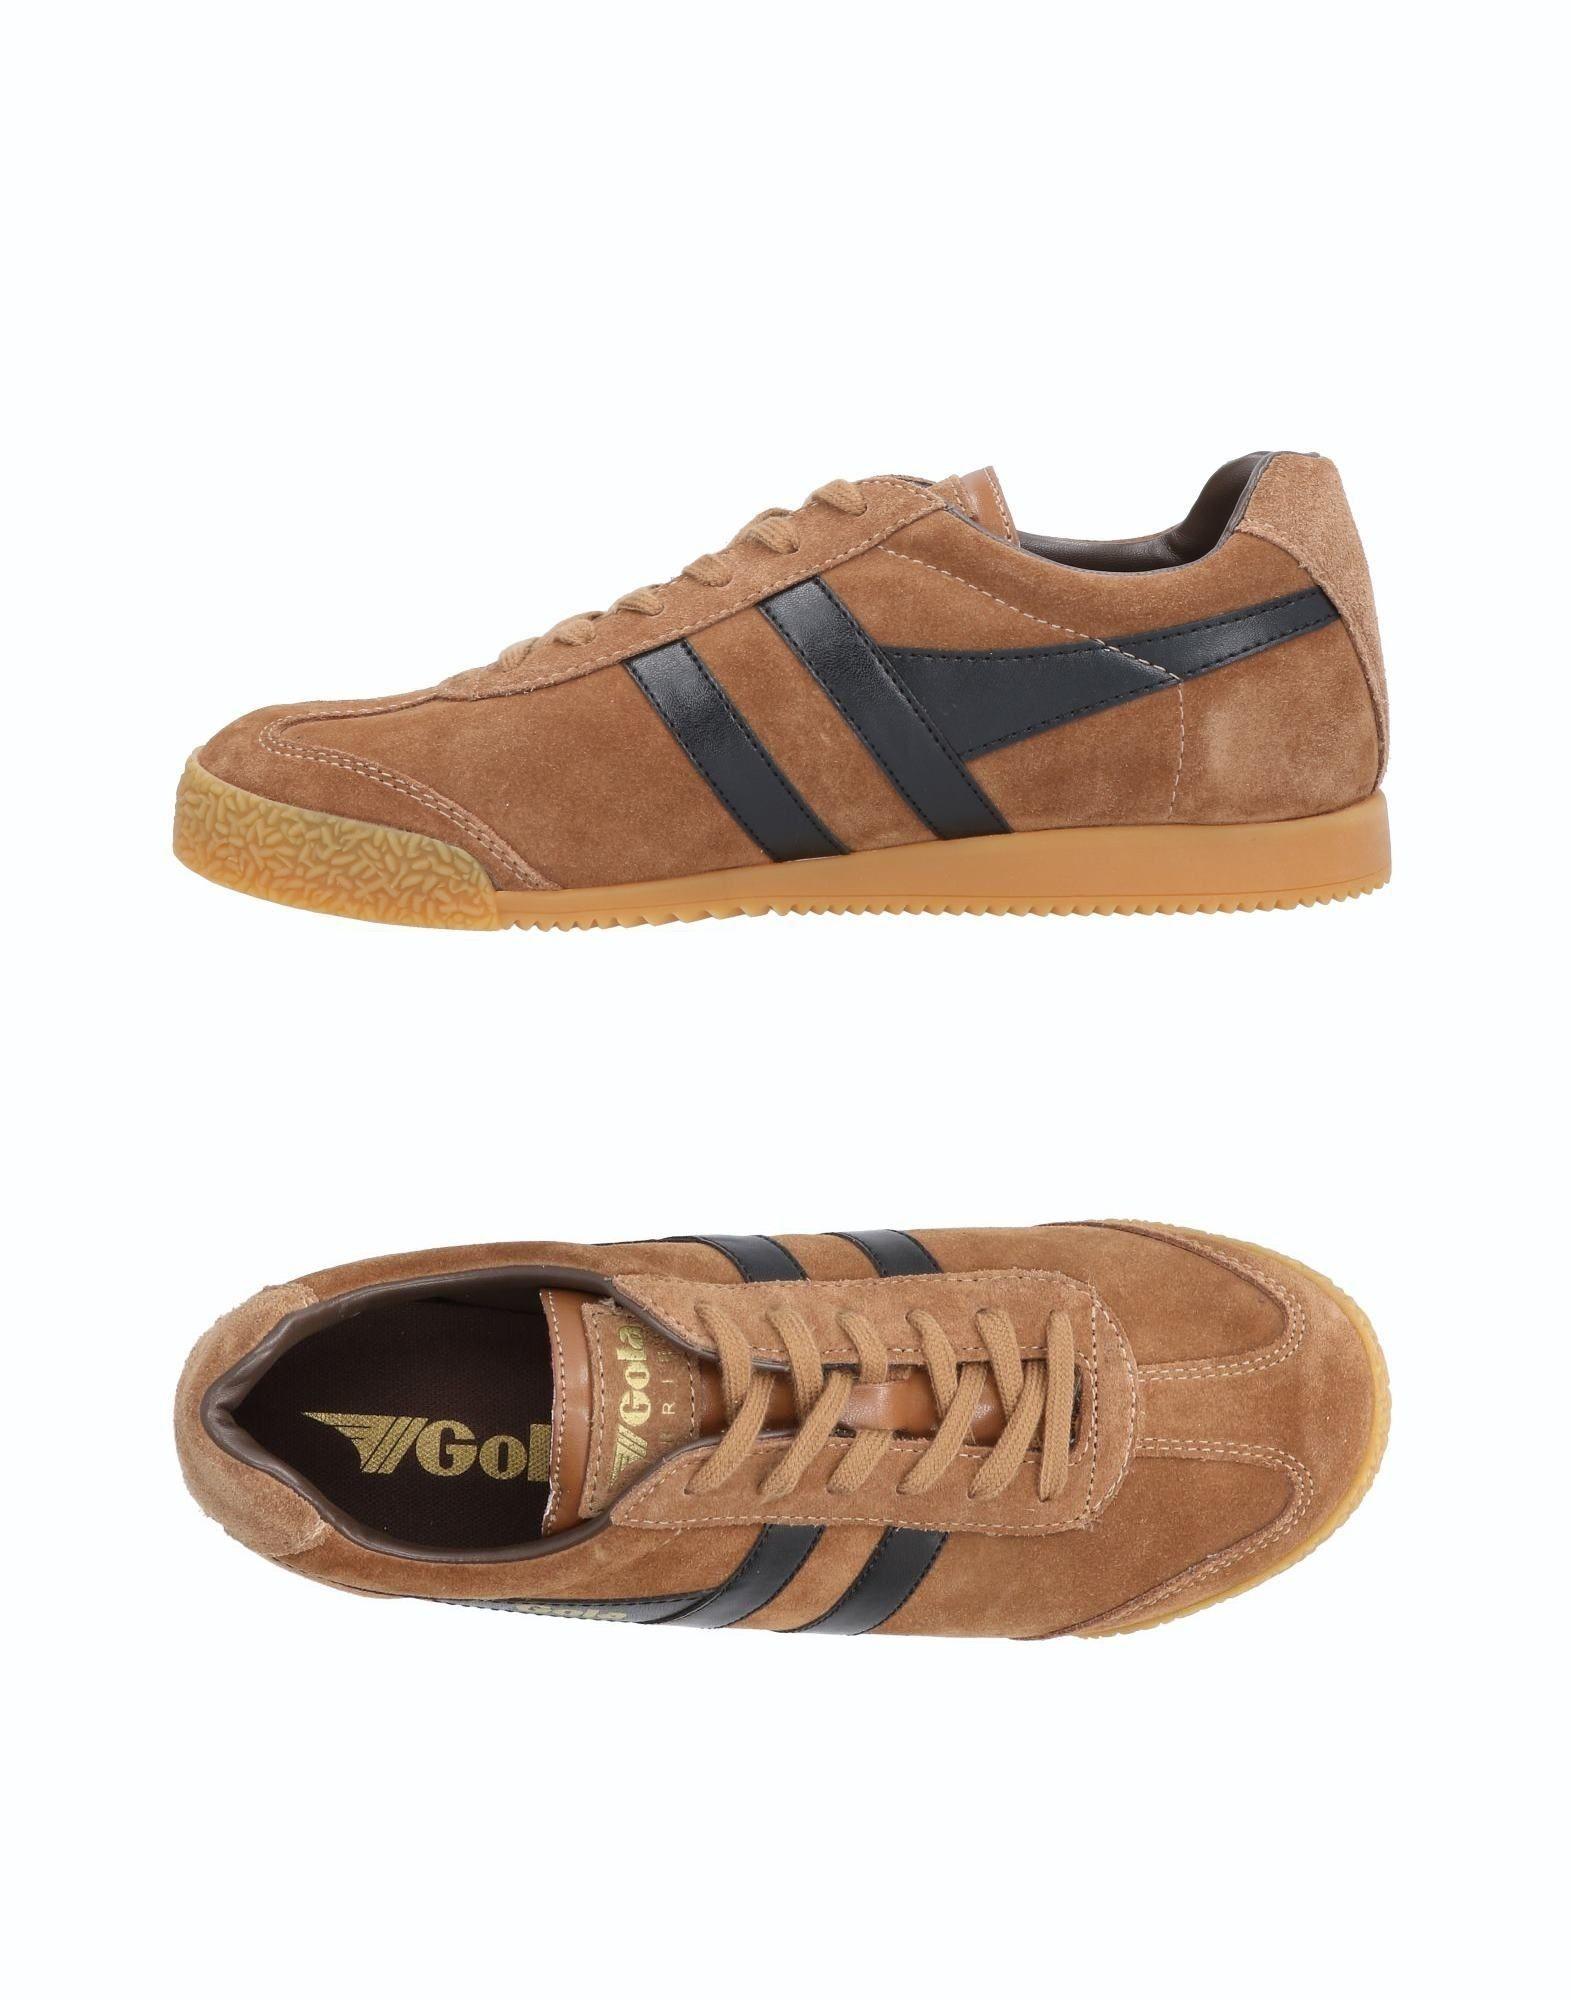 Haltbare Mode billige Schuhe Gola Sneakers Herren  11467119EE Heiße Schuhe